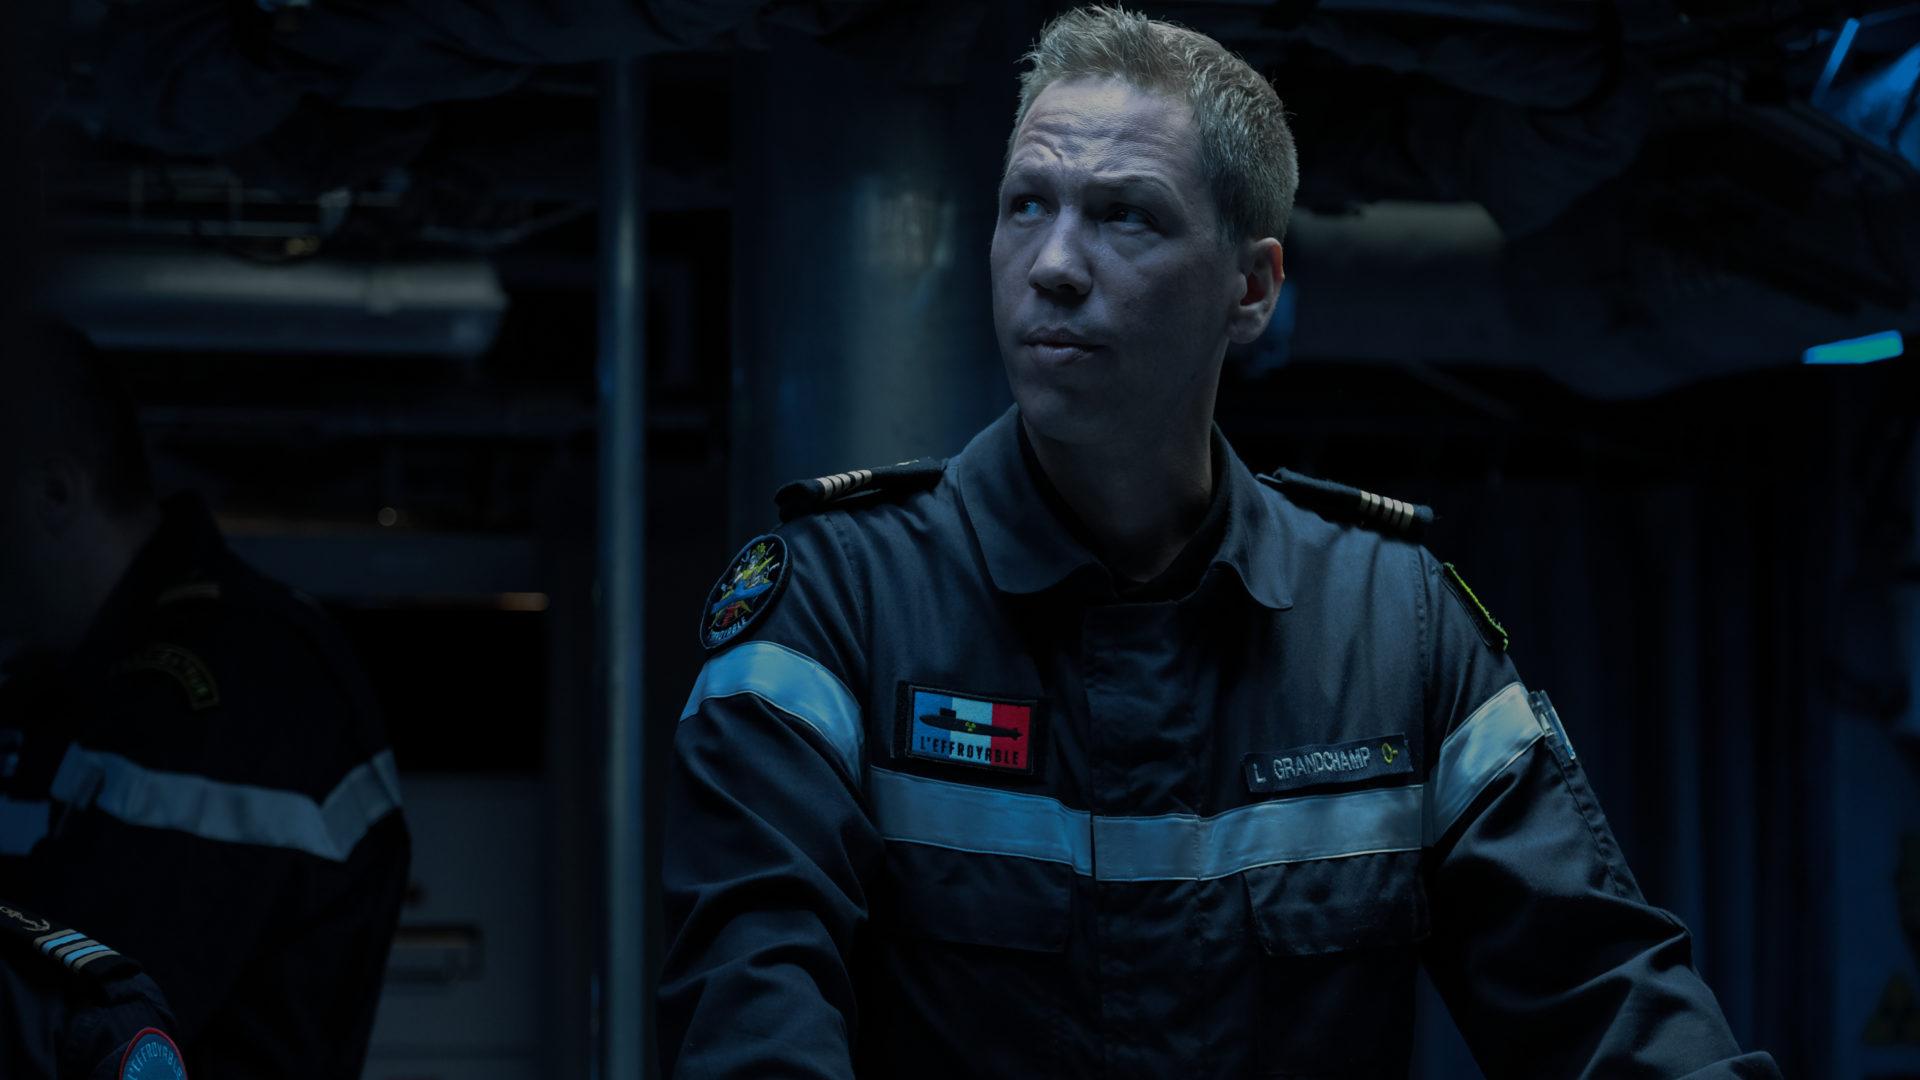 《潛艦追緝》派《逆轉人生》歐馬希加入海軍 英勇拯救第三次世界大戰